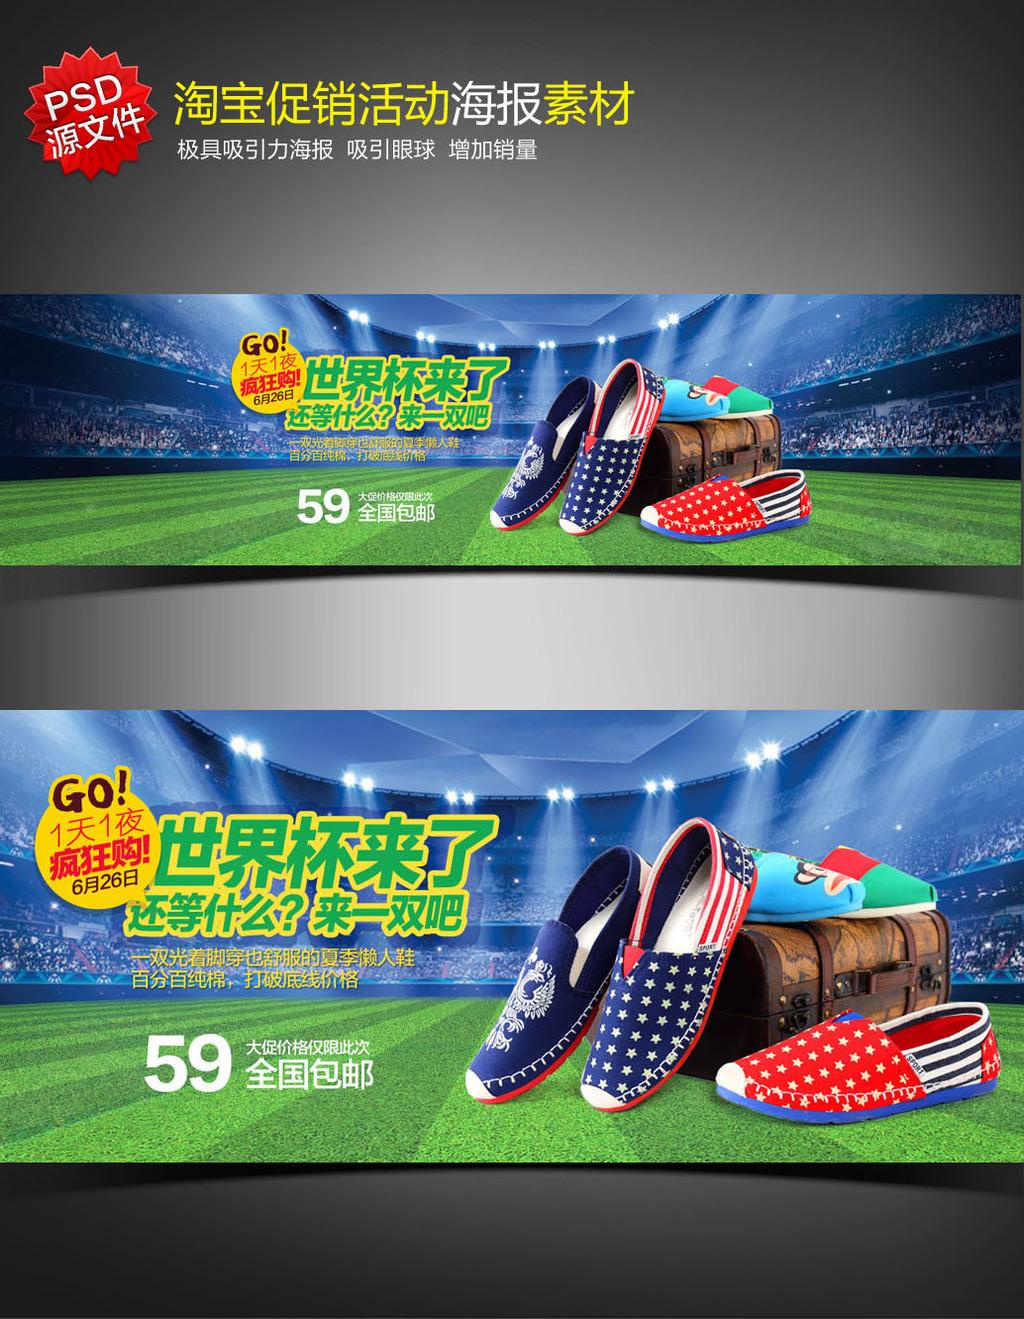 世界杯海报模板下载 2014巴西世界杯